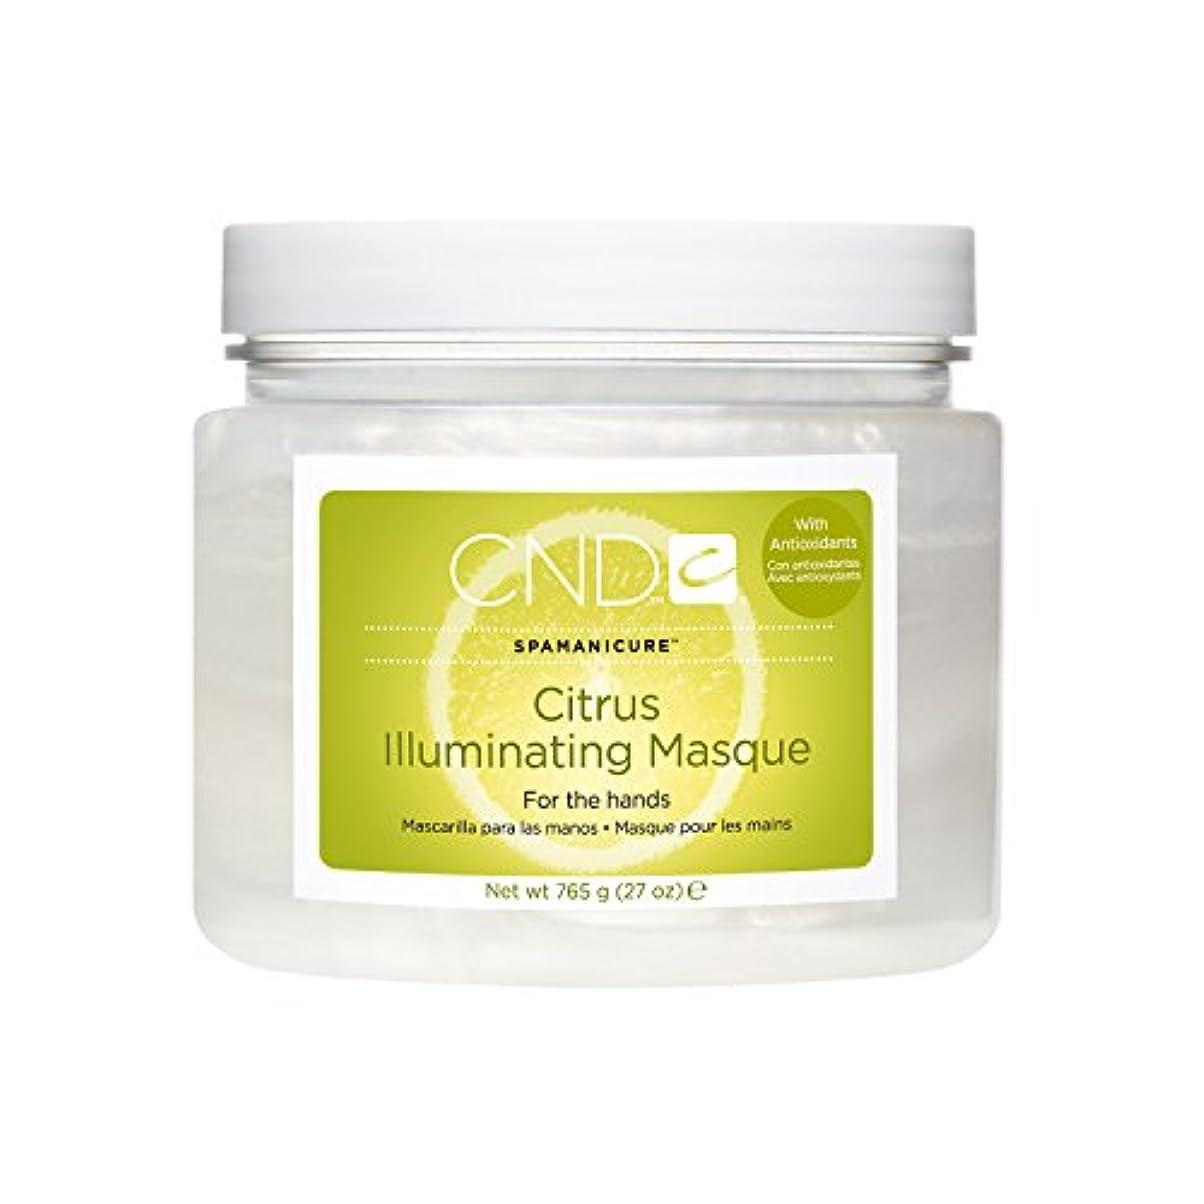 CND SpaManicure - Citrus Illuminating Masque - 27oz